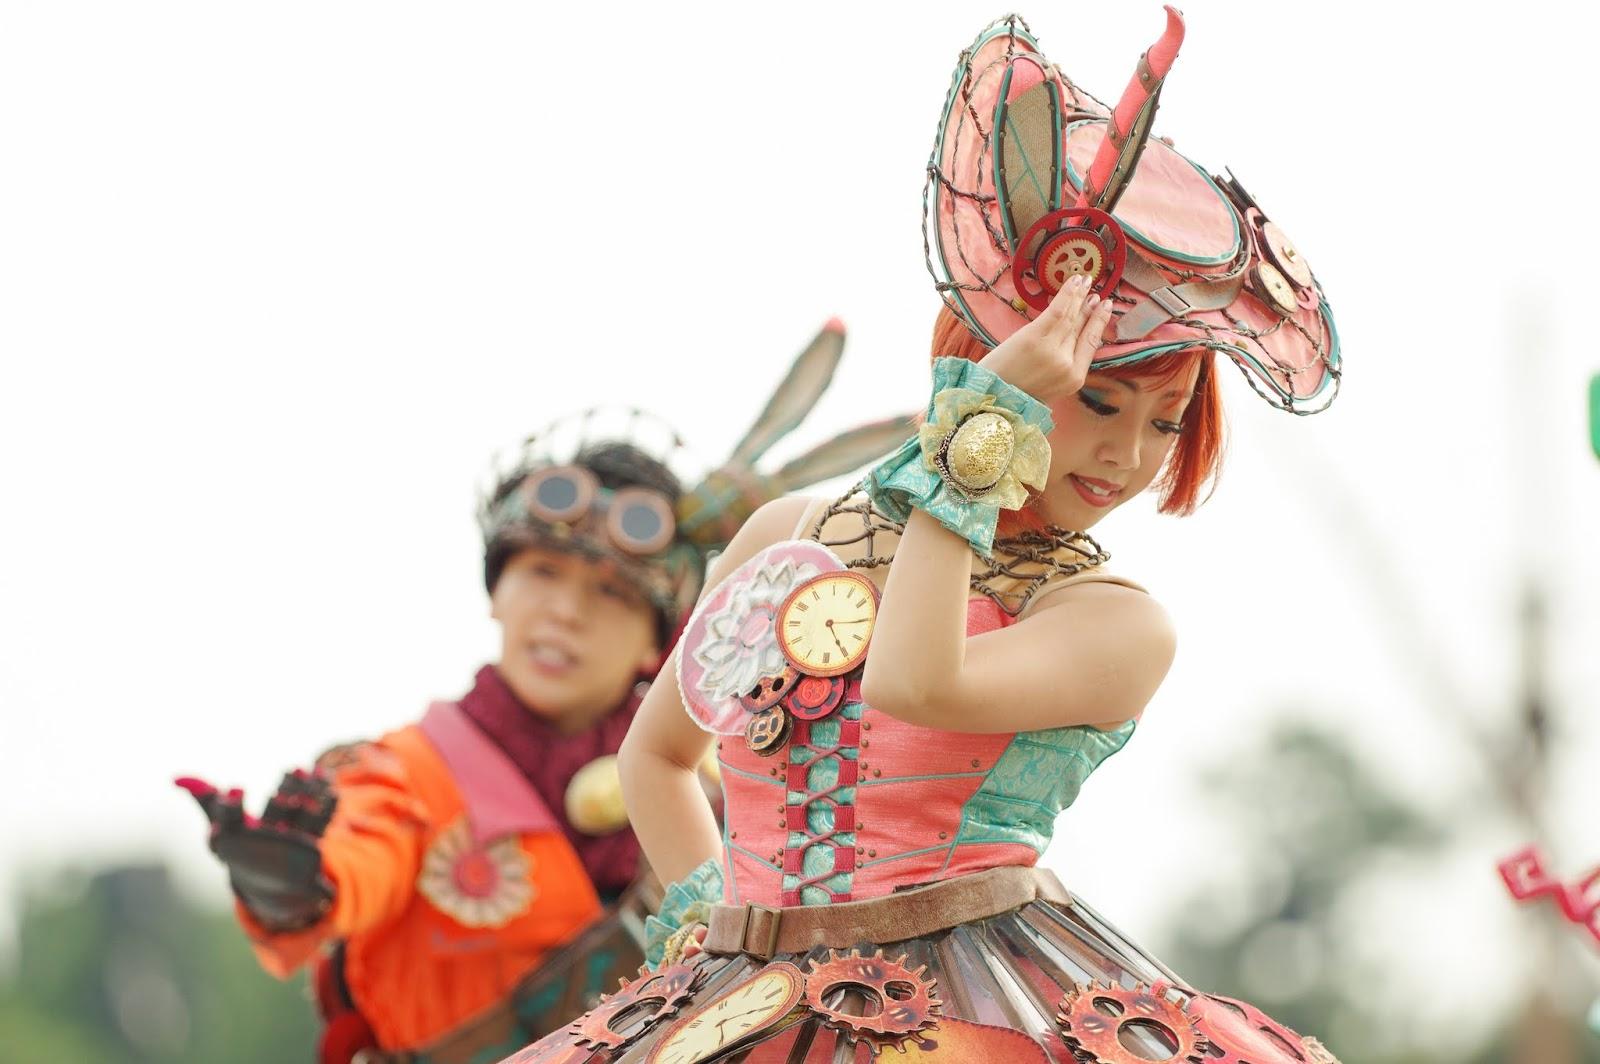 ファッショナブルイースター ダンサー